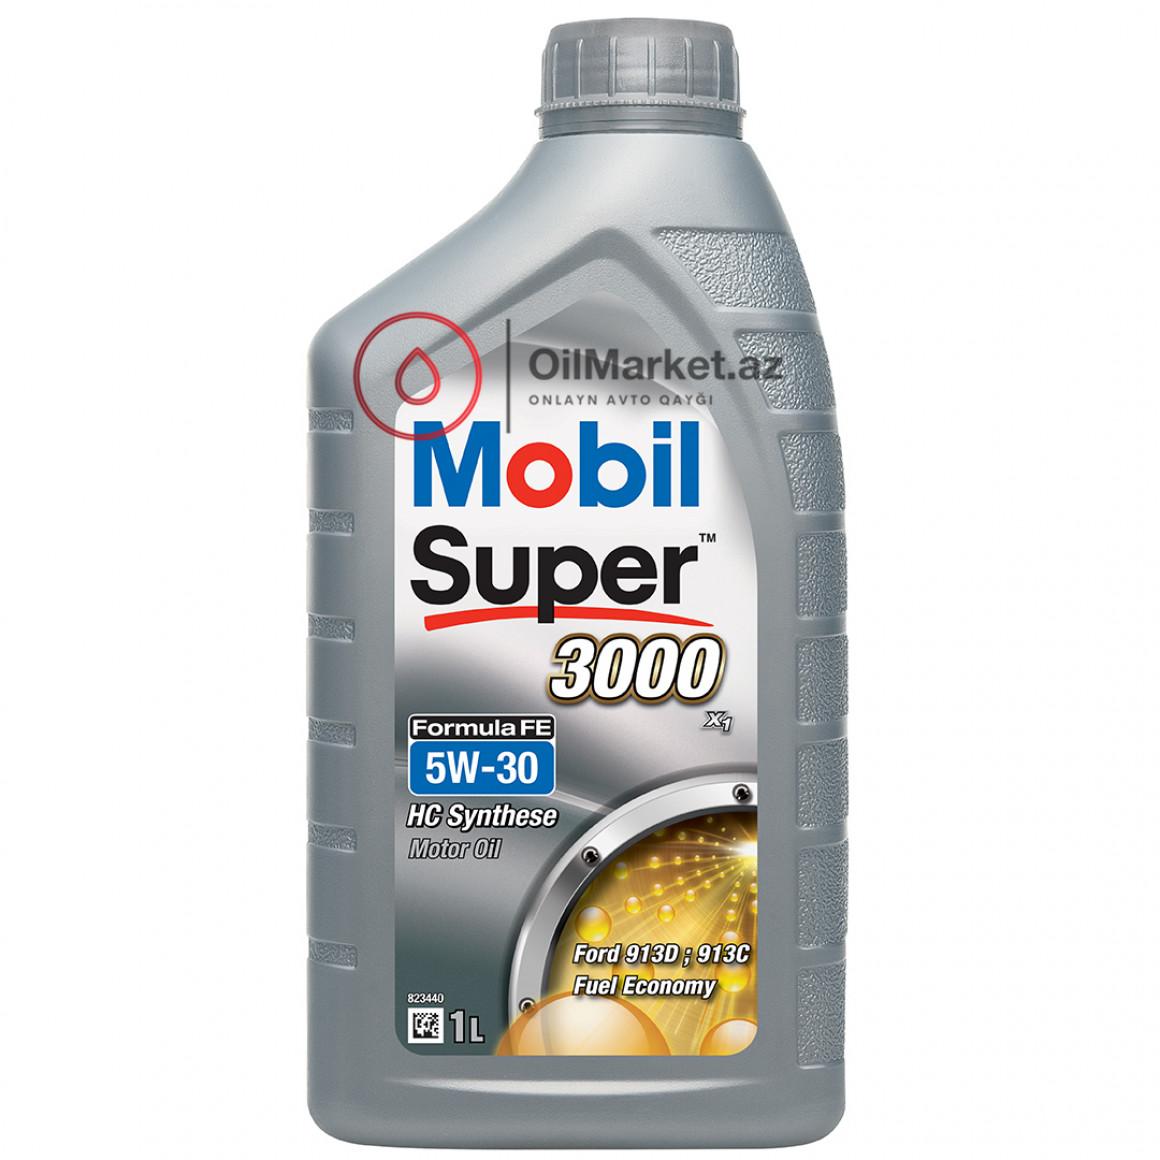 Mobil Super 3000 X1 Formula FE 5W-30 - 1 lt